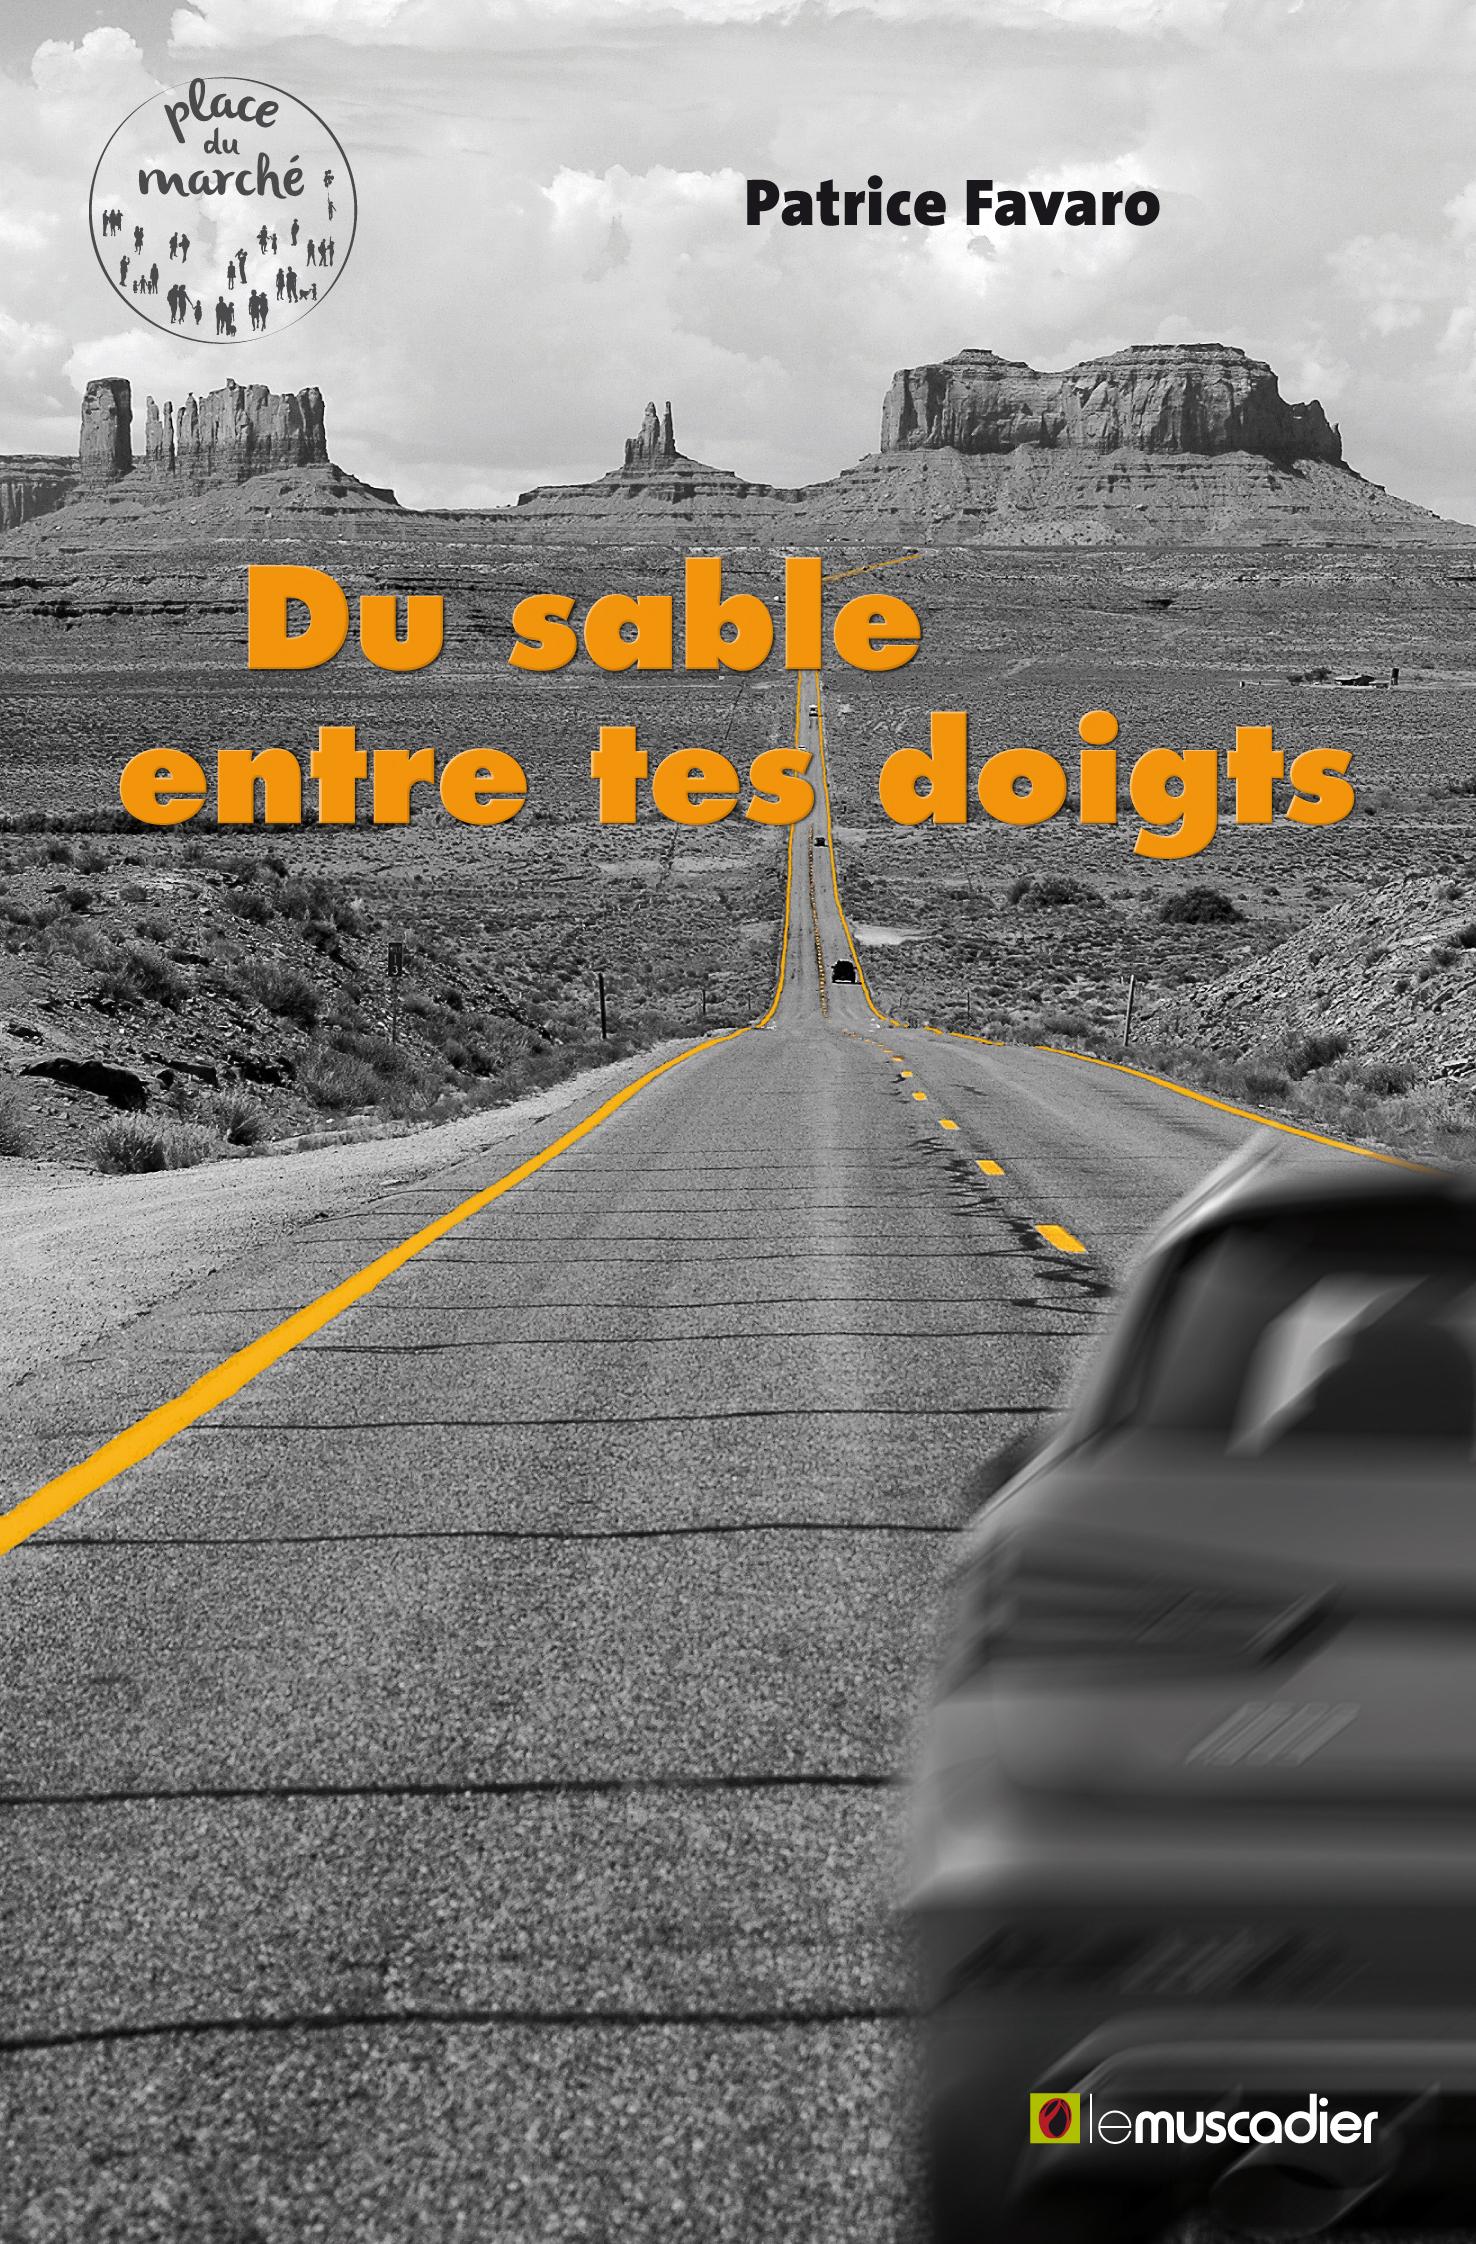 DU SABLE ENTRE TES DOIGTS